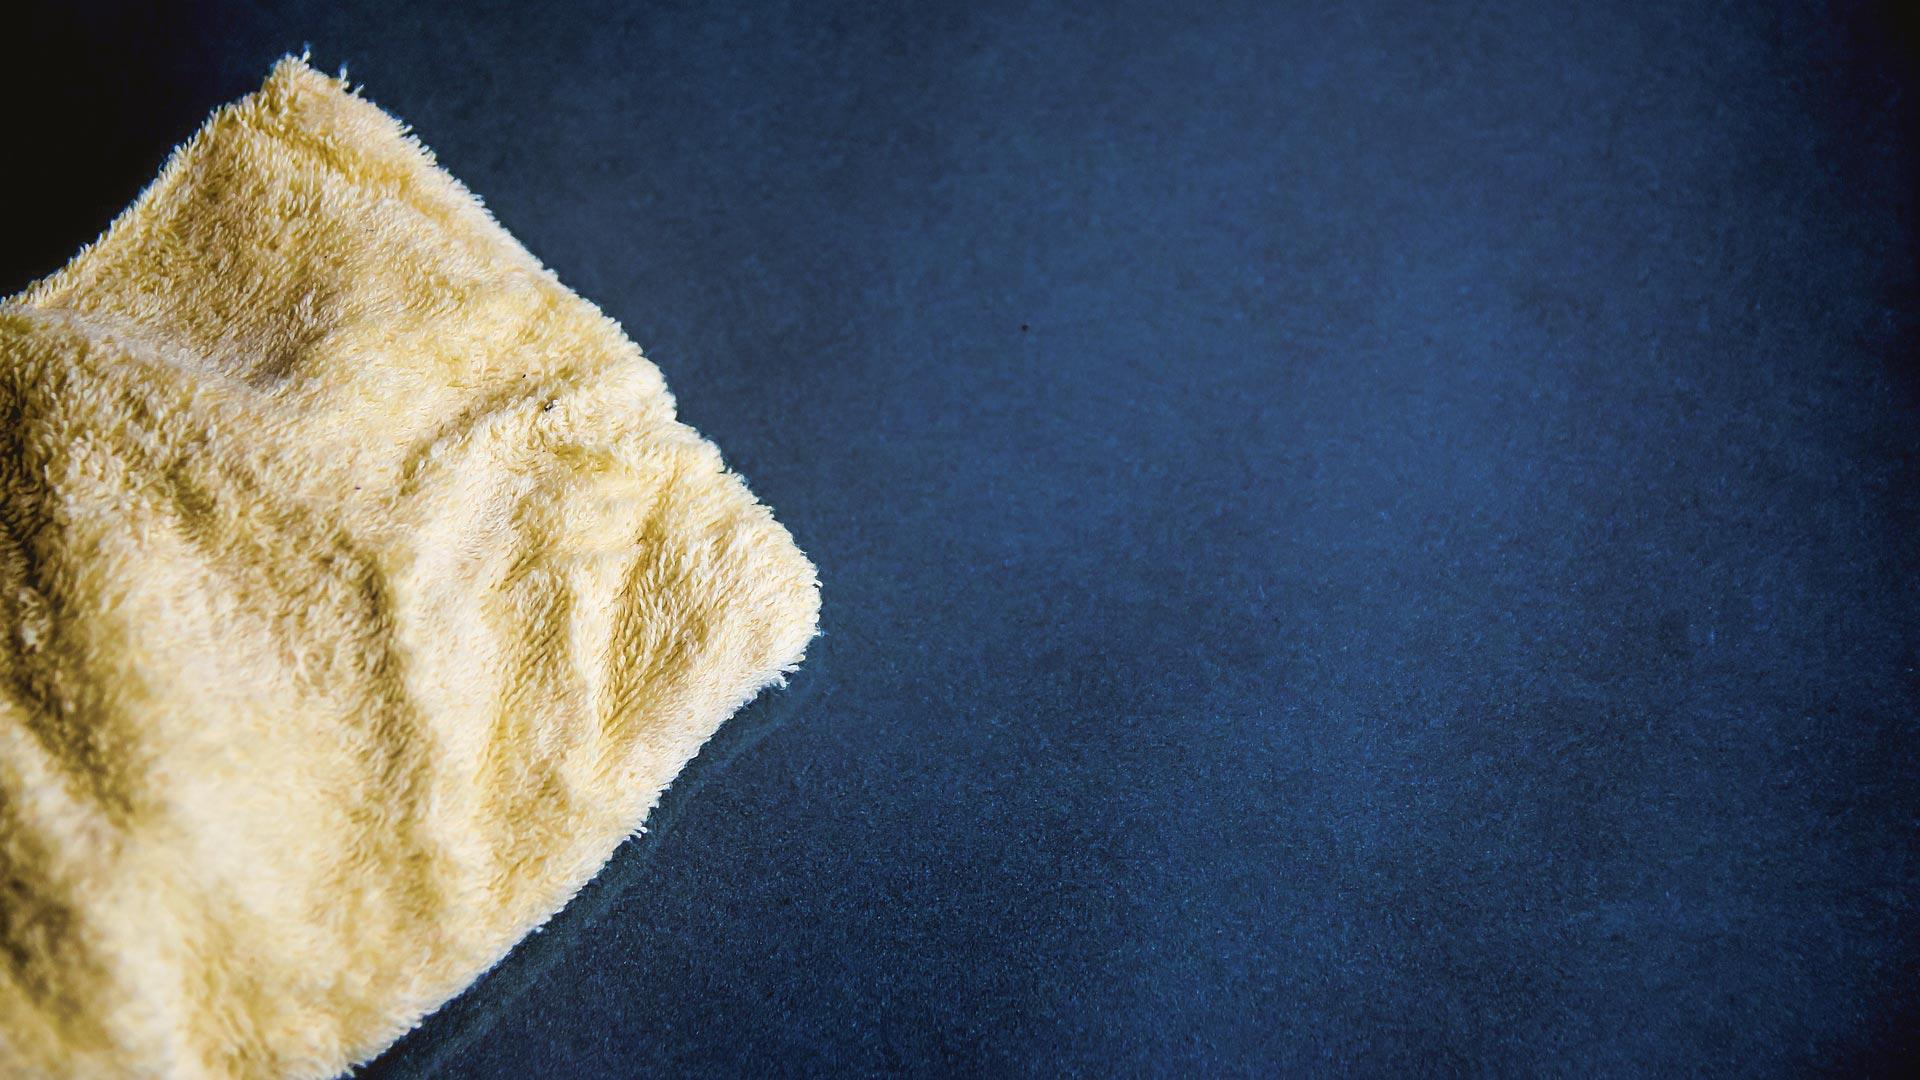 Mikrofasertücher sind für Hochglanzoberflächen nicht zu empfehlen. Feine Baumwollstoffe verursachen keine Kratzer.